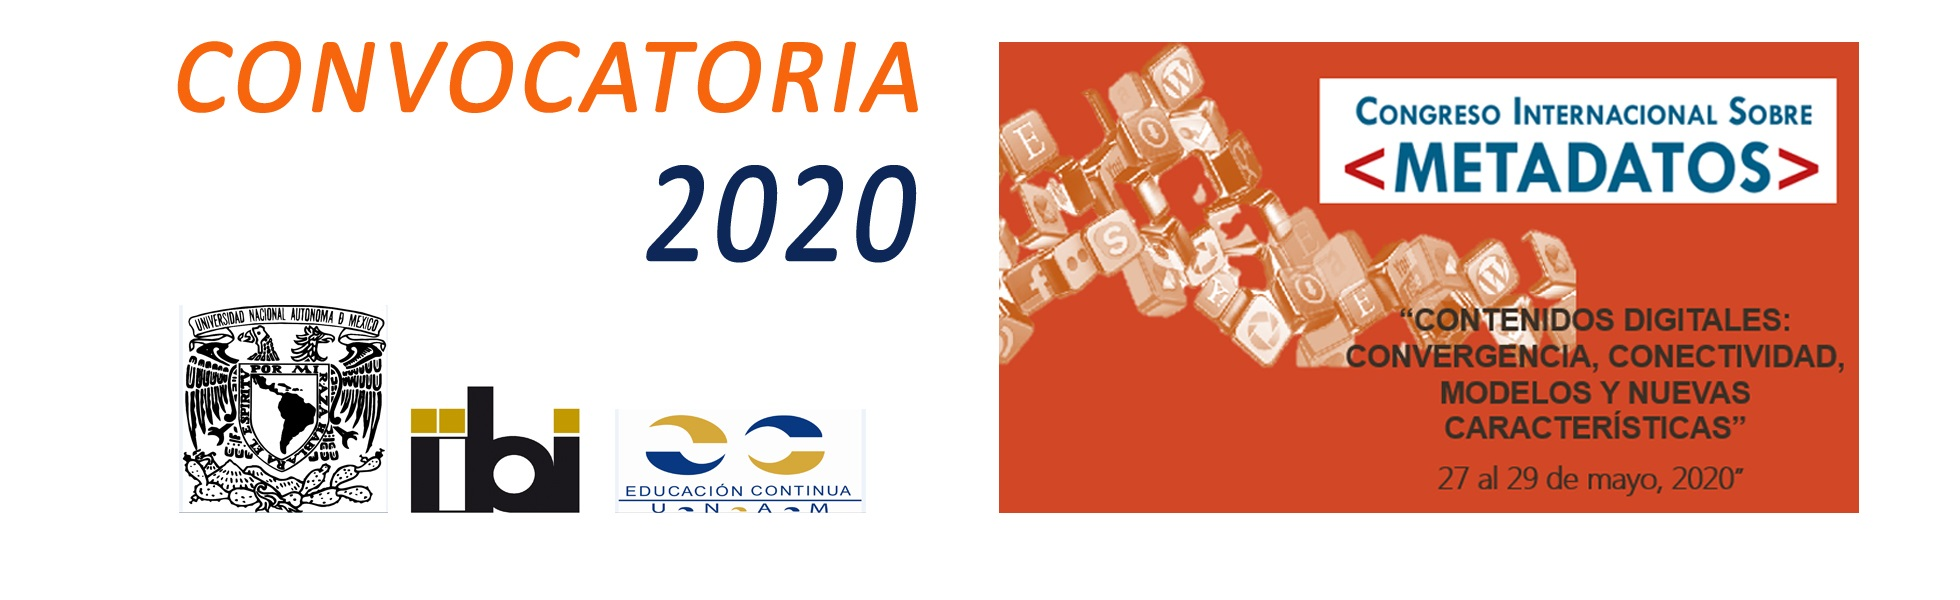 Convocatoria CIM2020